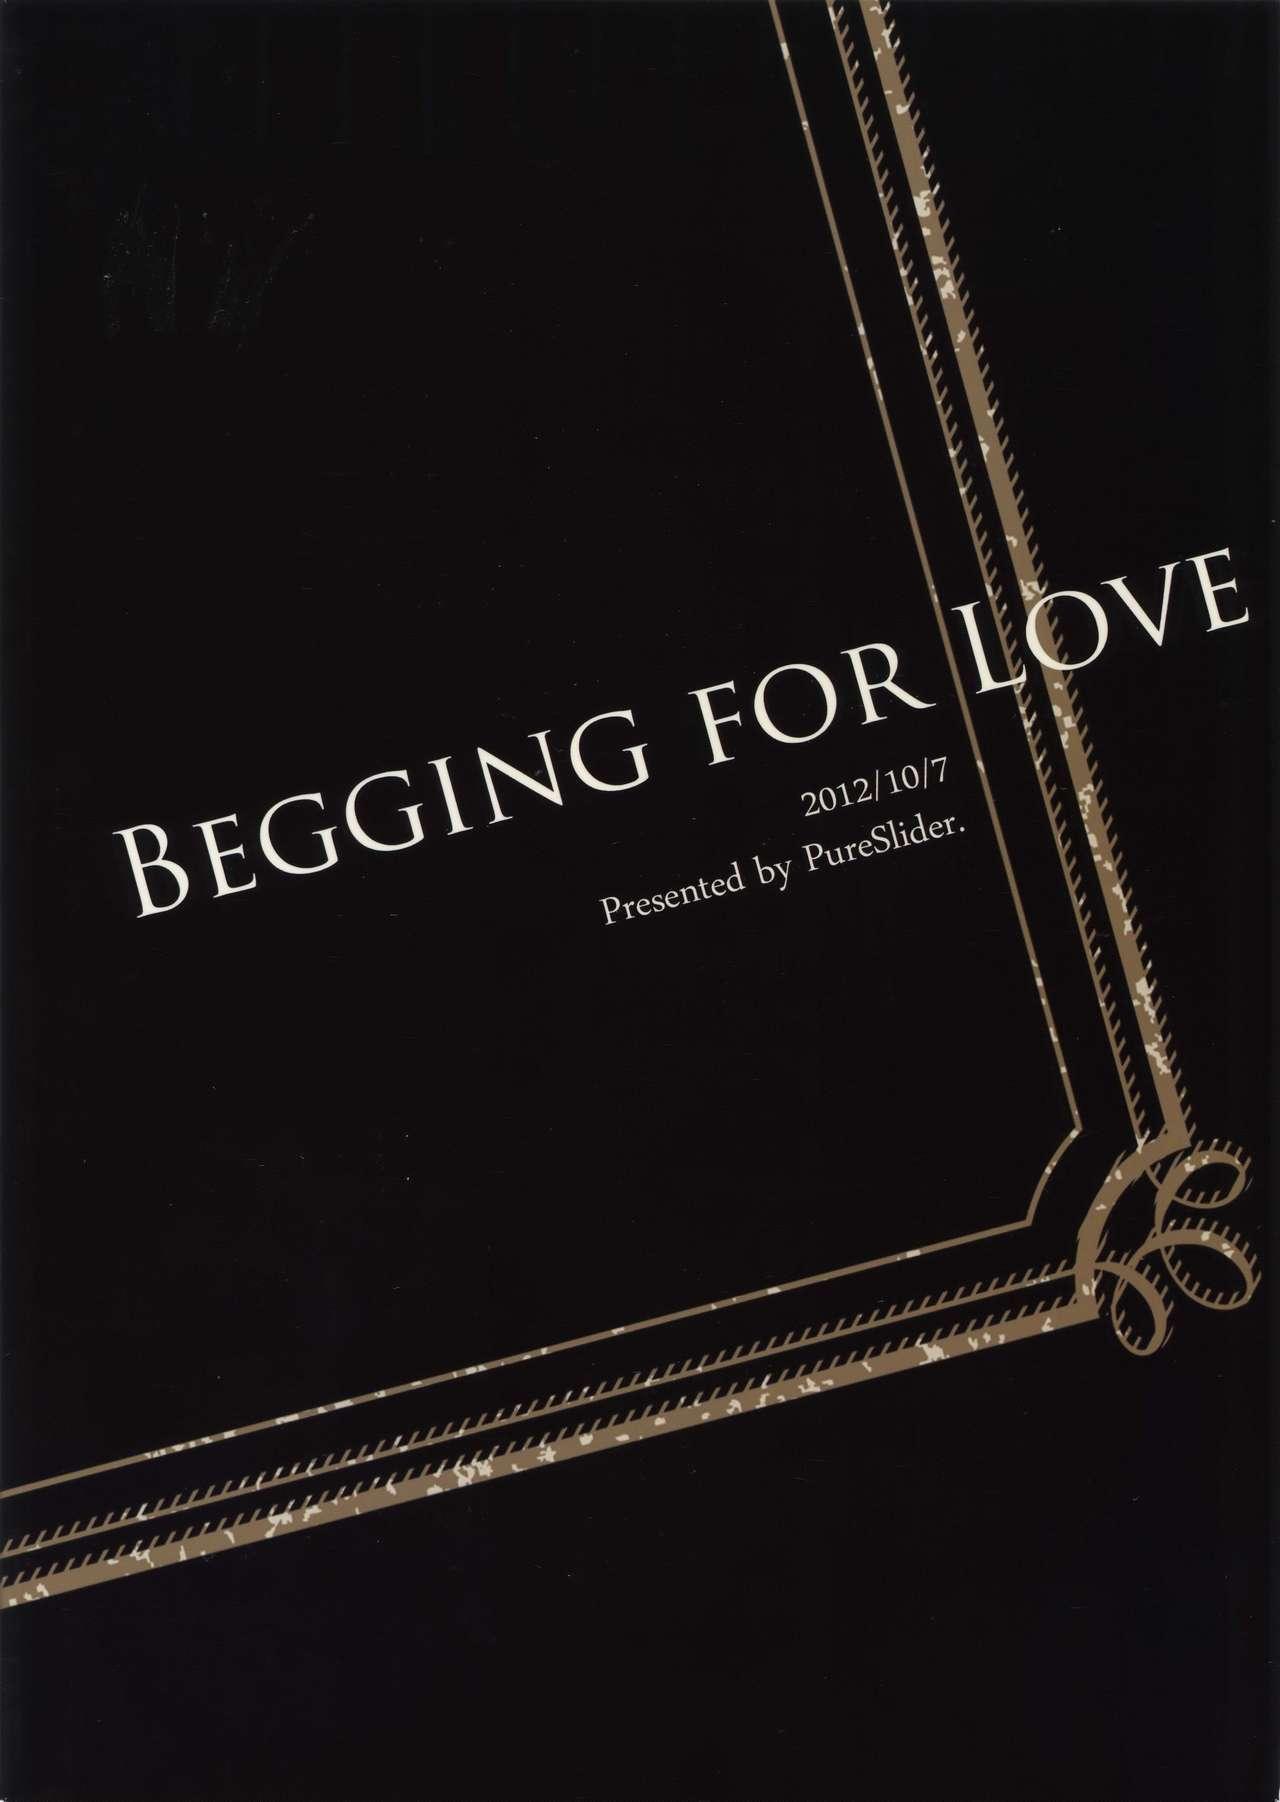 BEGGING FOR LOVE 17